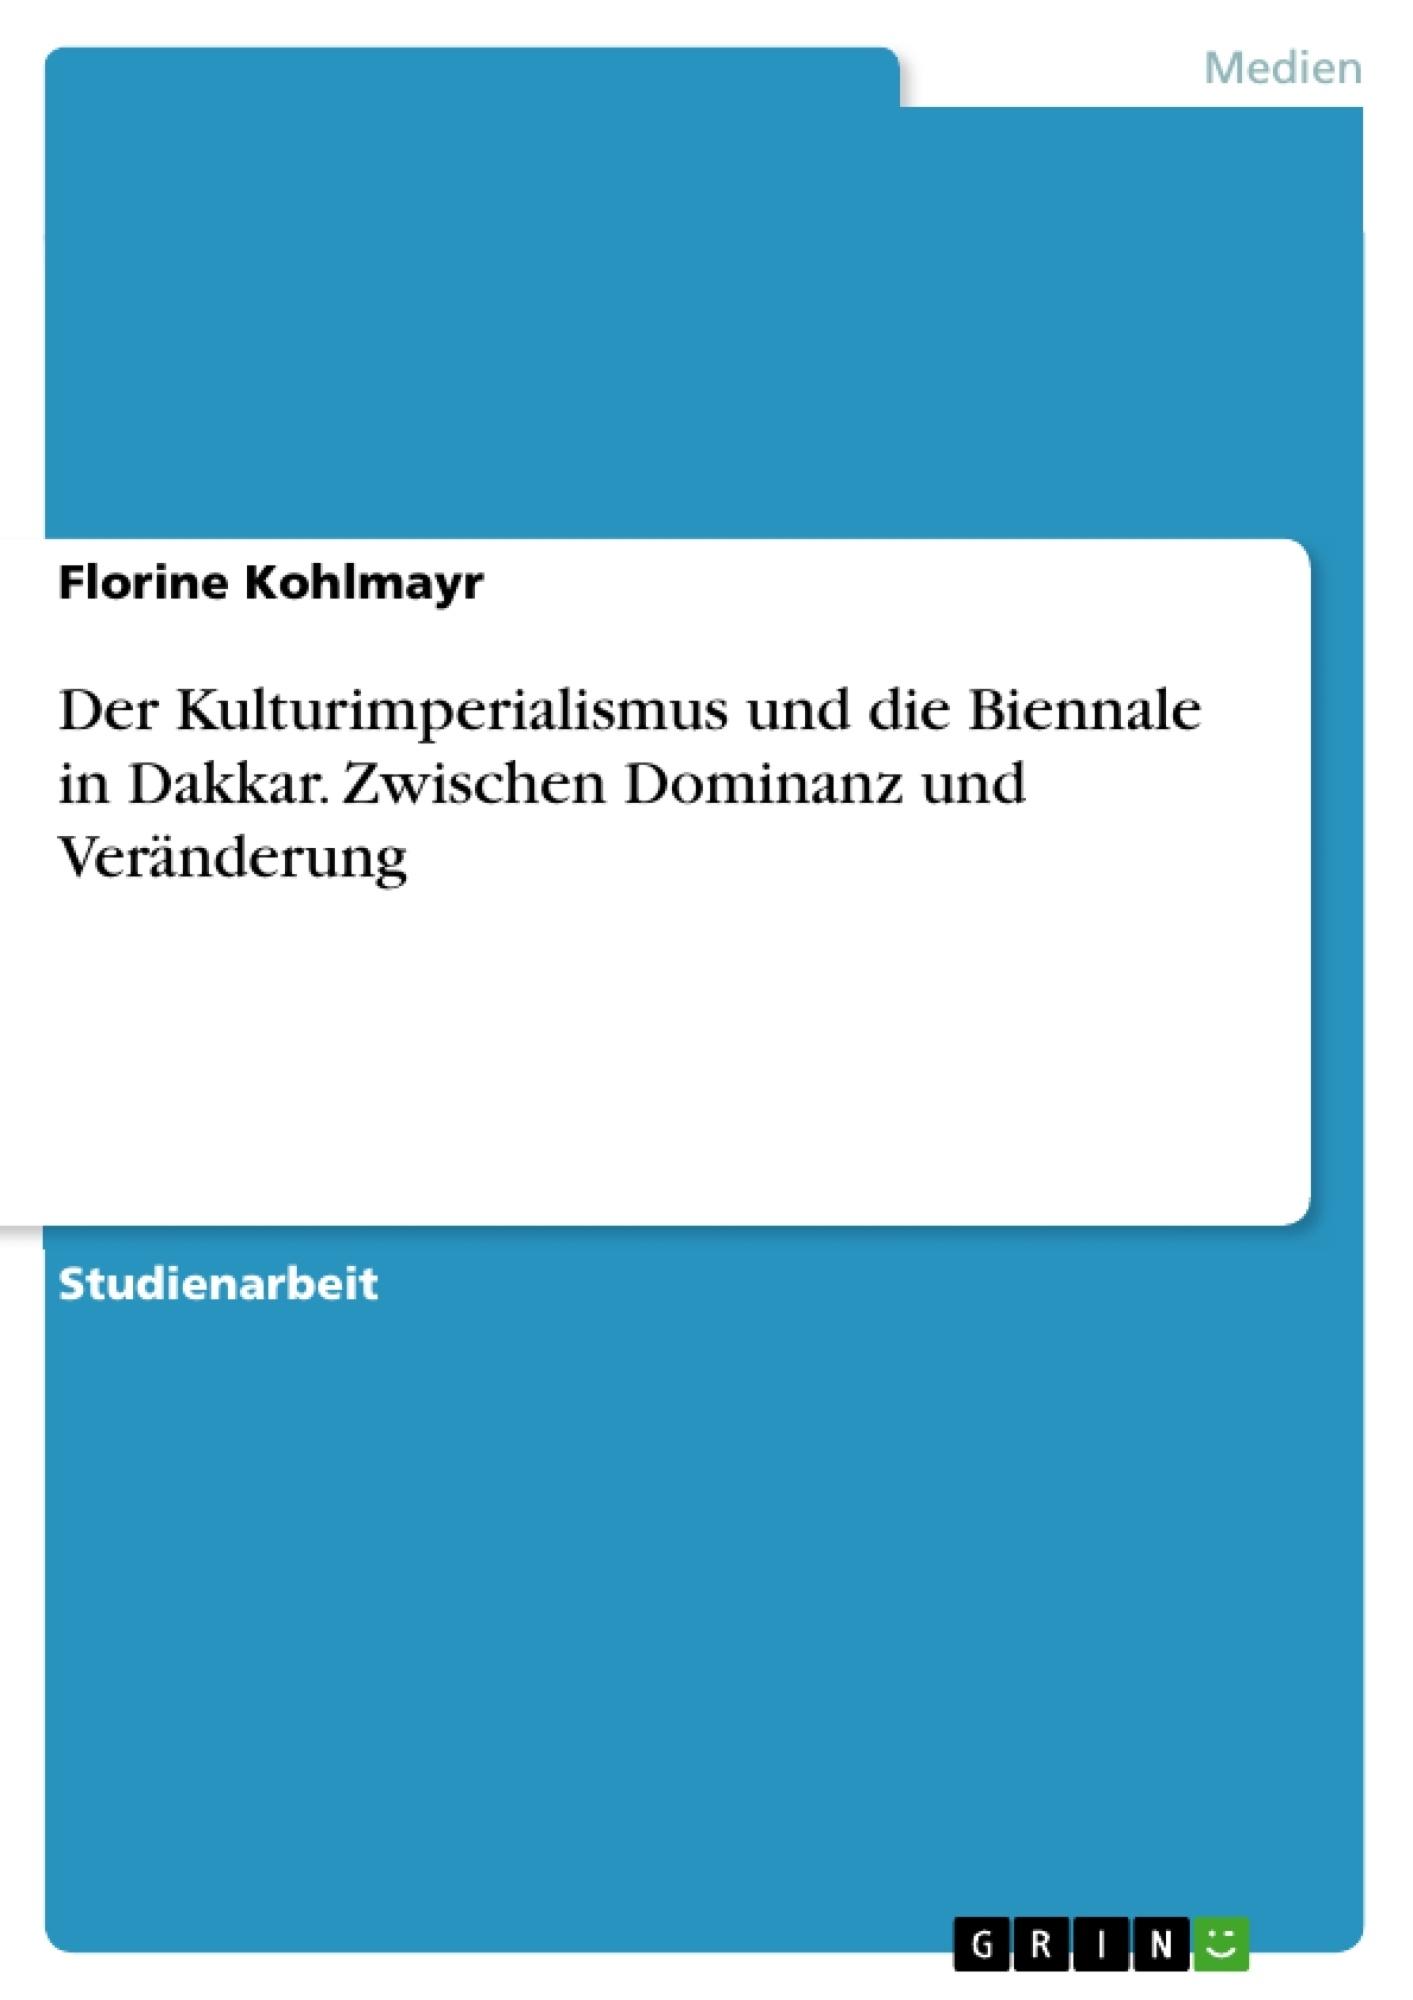 Titel: Der Kulturimperialismus und die Biennale in Dakkar. Zwischen Dominanz und Veränderung